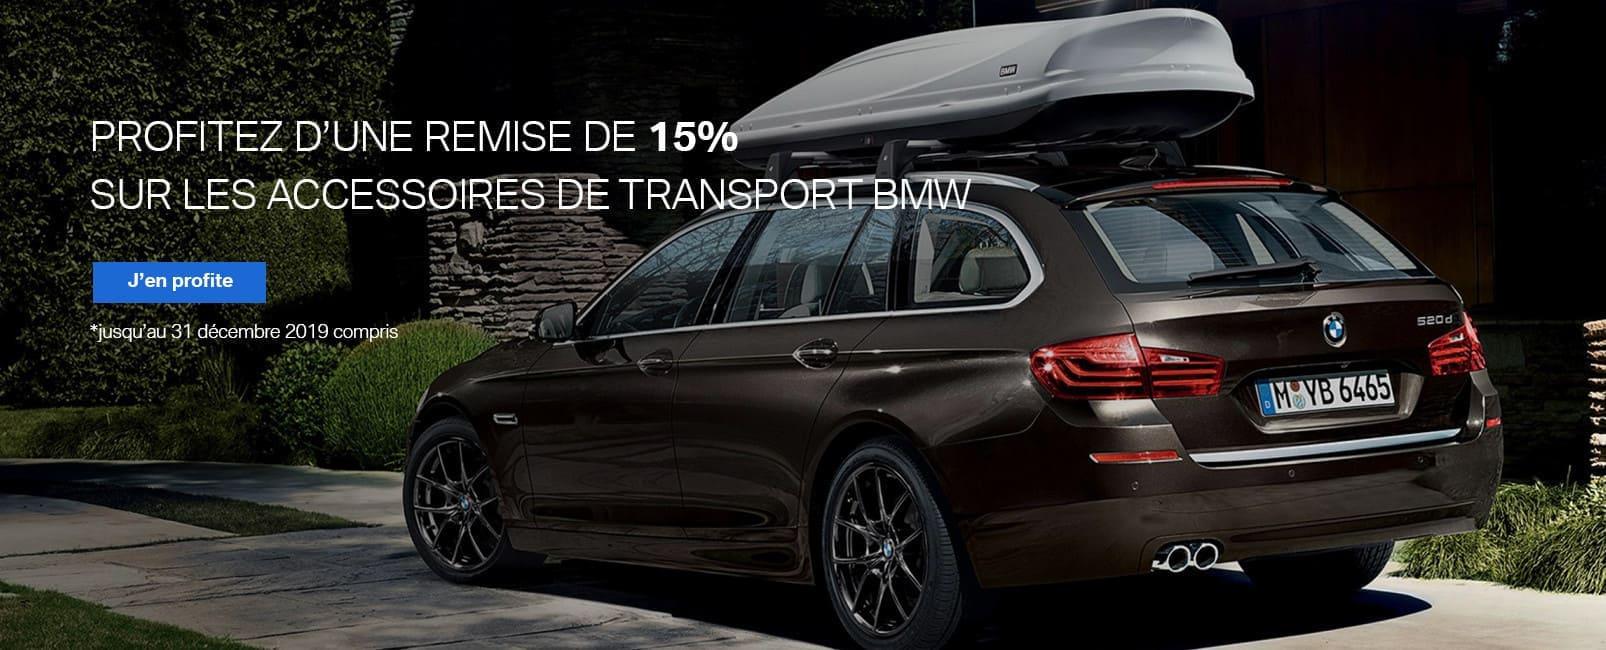 Profitez d'une remise de 15% sur les accessoires de transport BMW